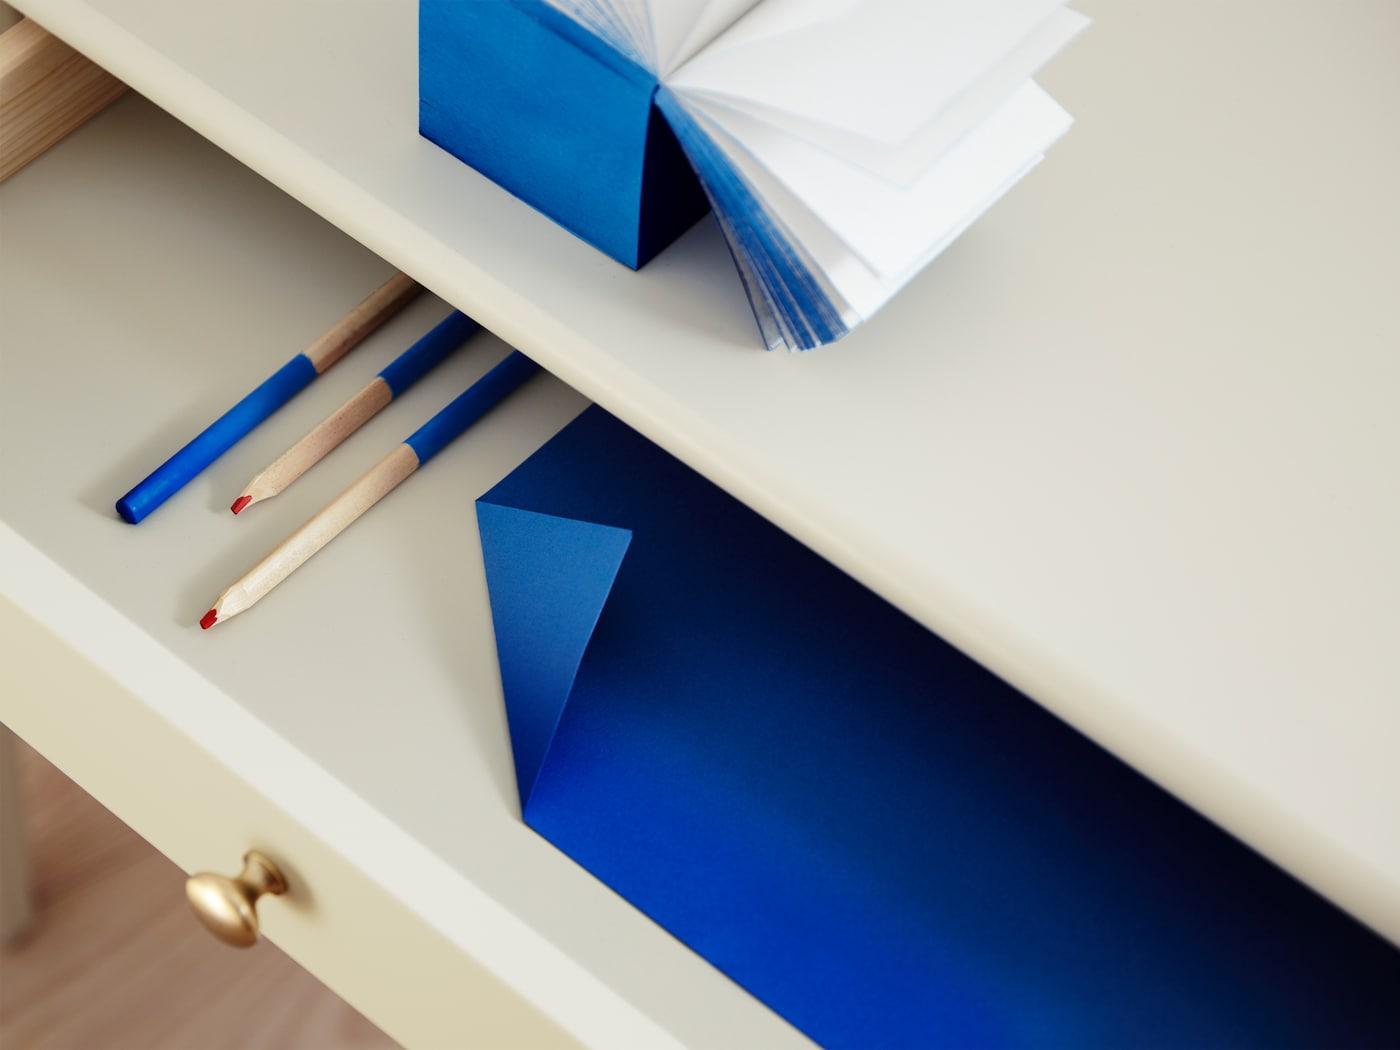 特写:LOMMARP 鲁马尔普 传统风格书桌的大号抽屉,上面还设有圆把手。